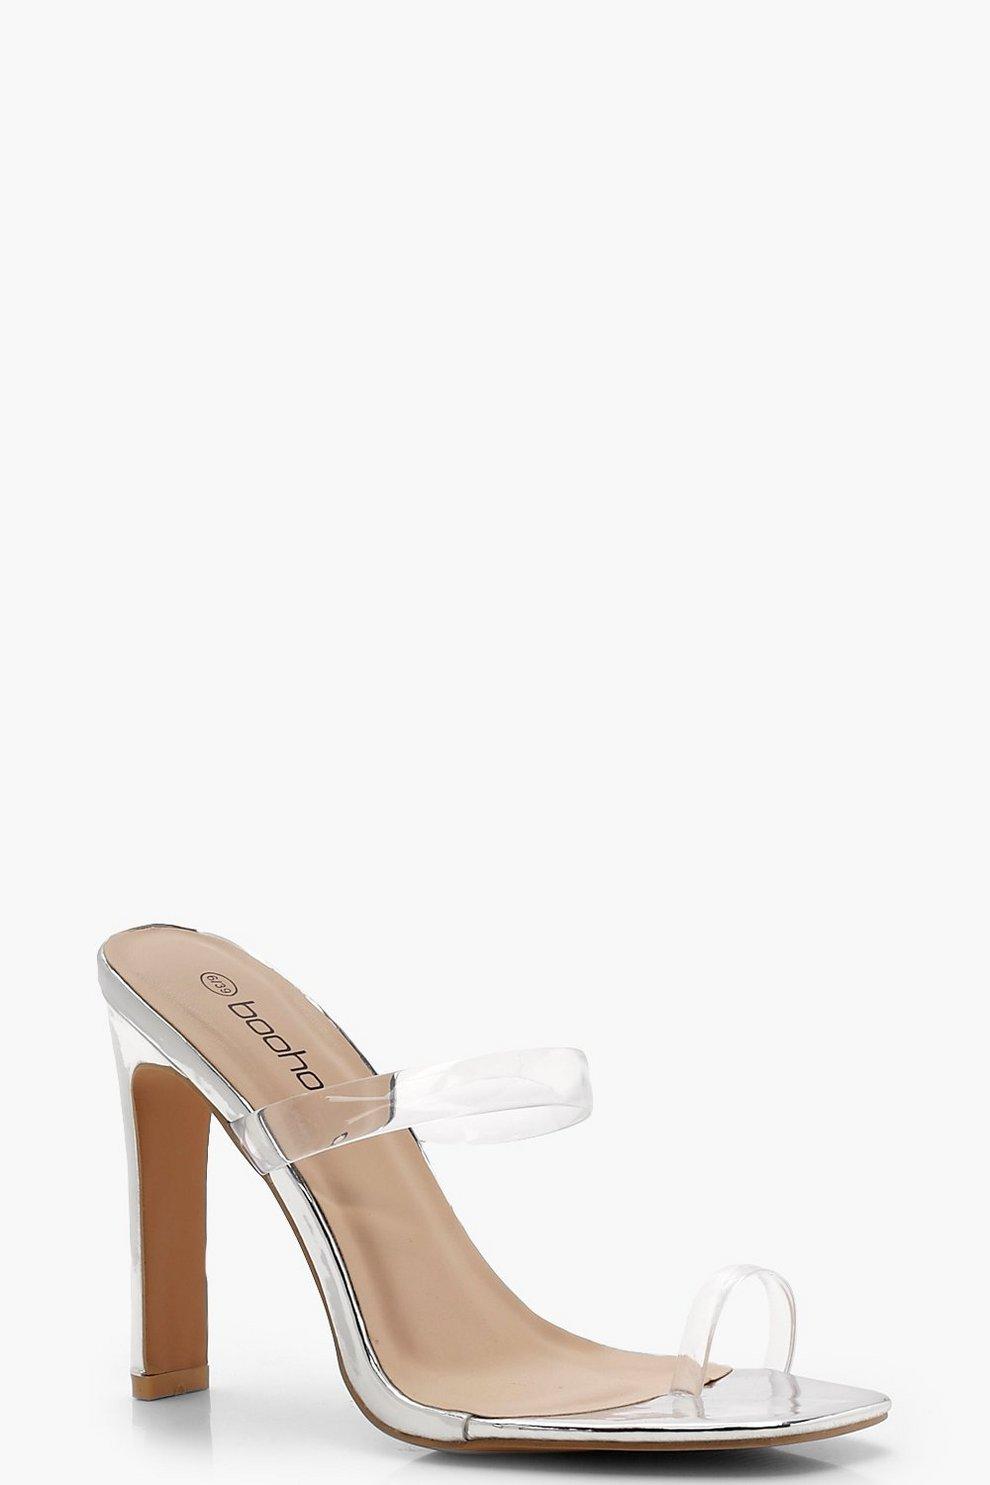 67385376972 Clear Strap Skinny Mule Heels